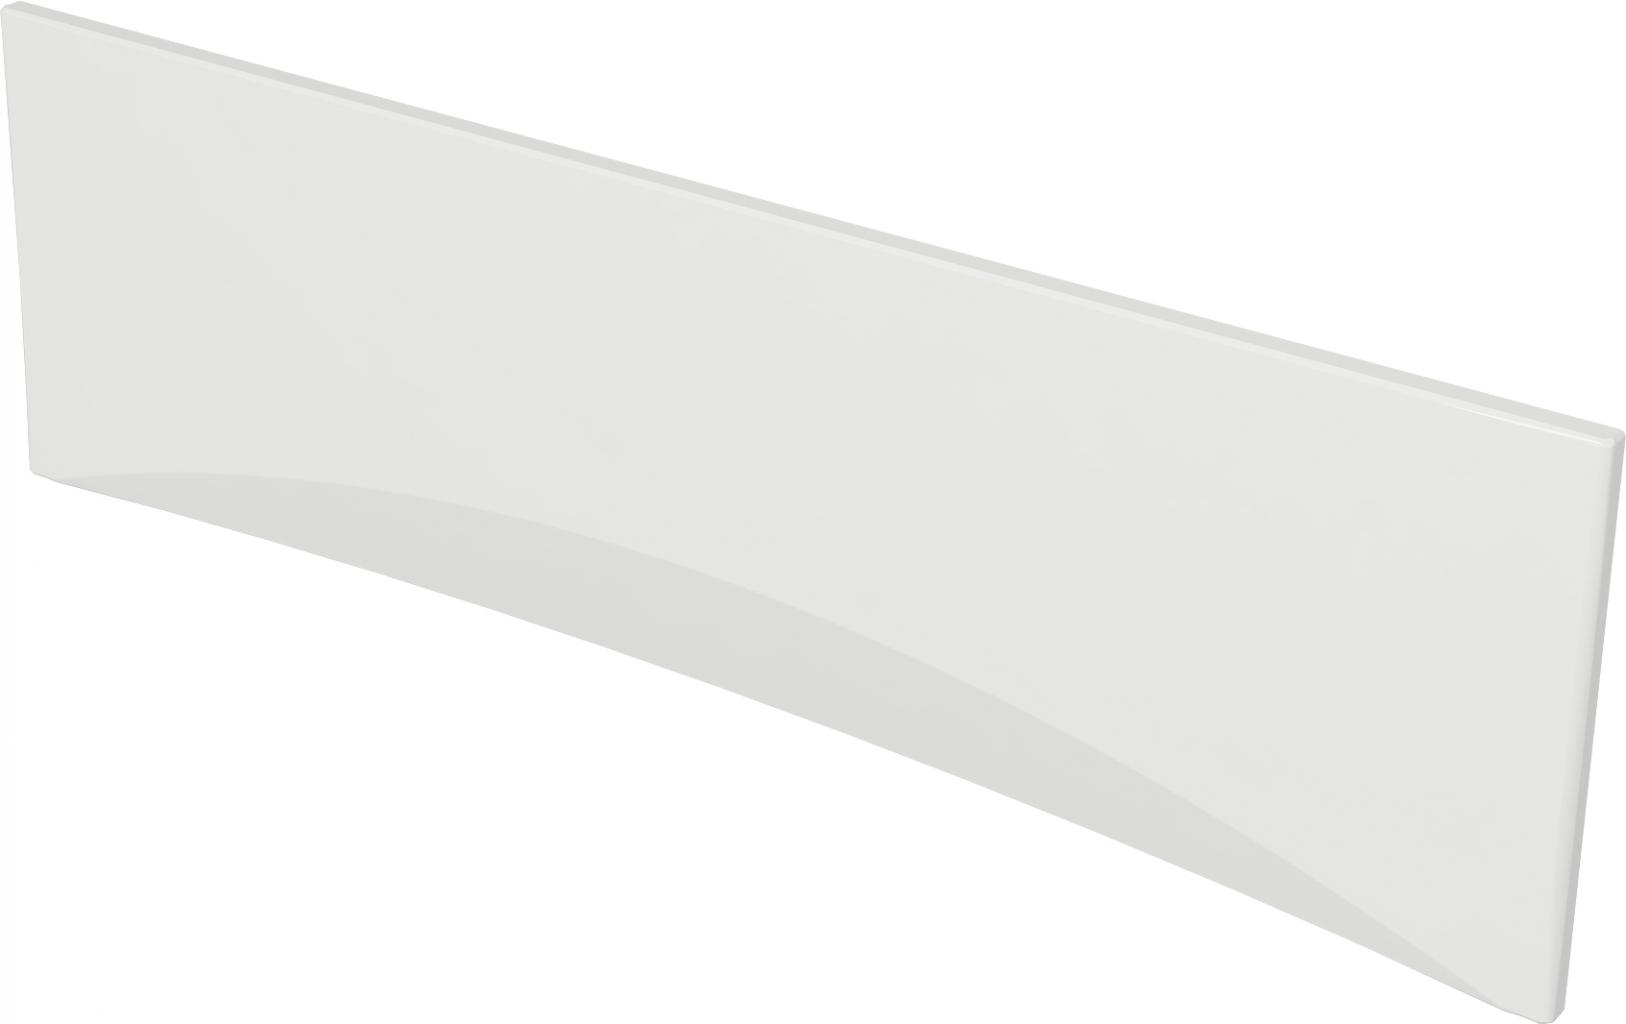 CERSANIT - PŘEDNÍ PANEL K VANĚ VIRGO/ ZEN 180 cm (S401-088)